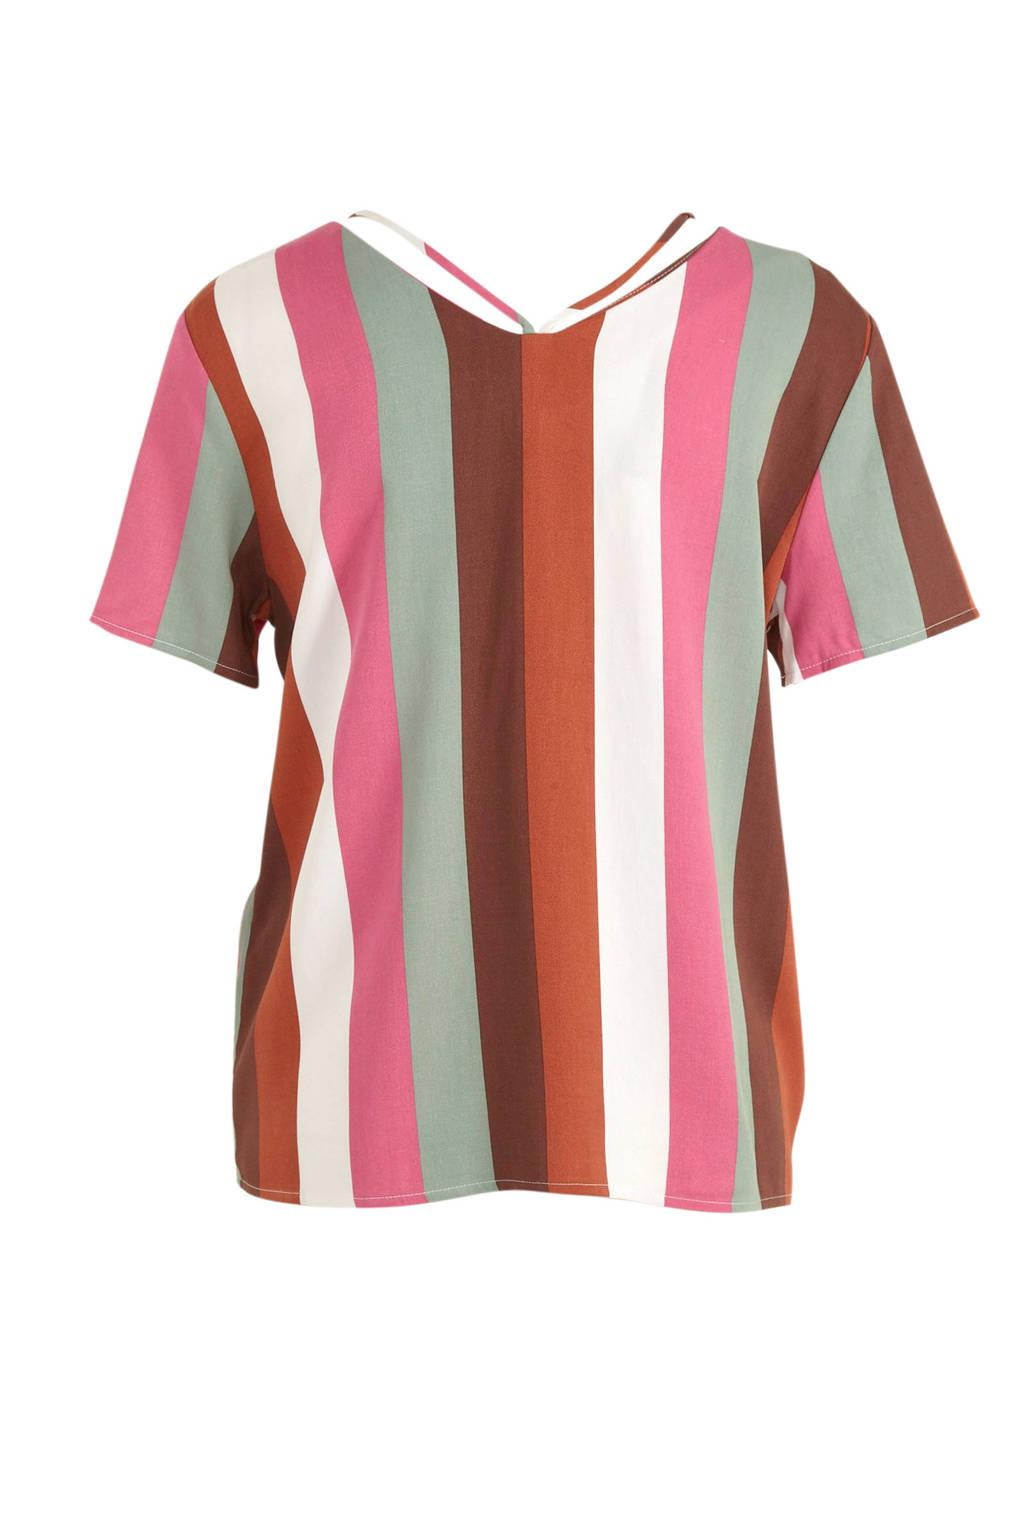 ONLY gestreepte top wit/roze/groen, Wit/roze/groen